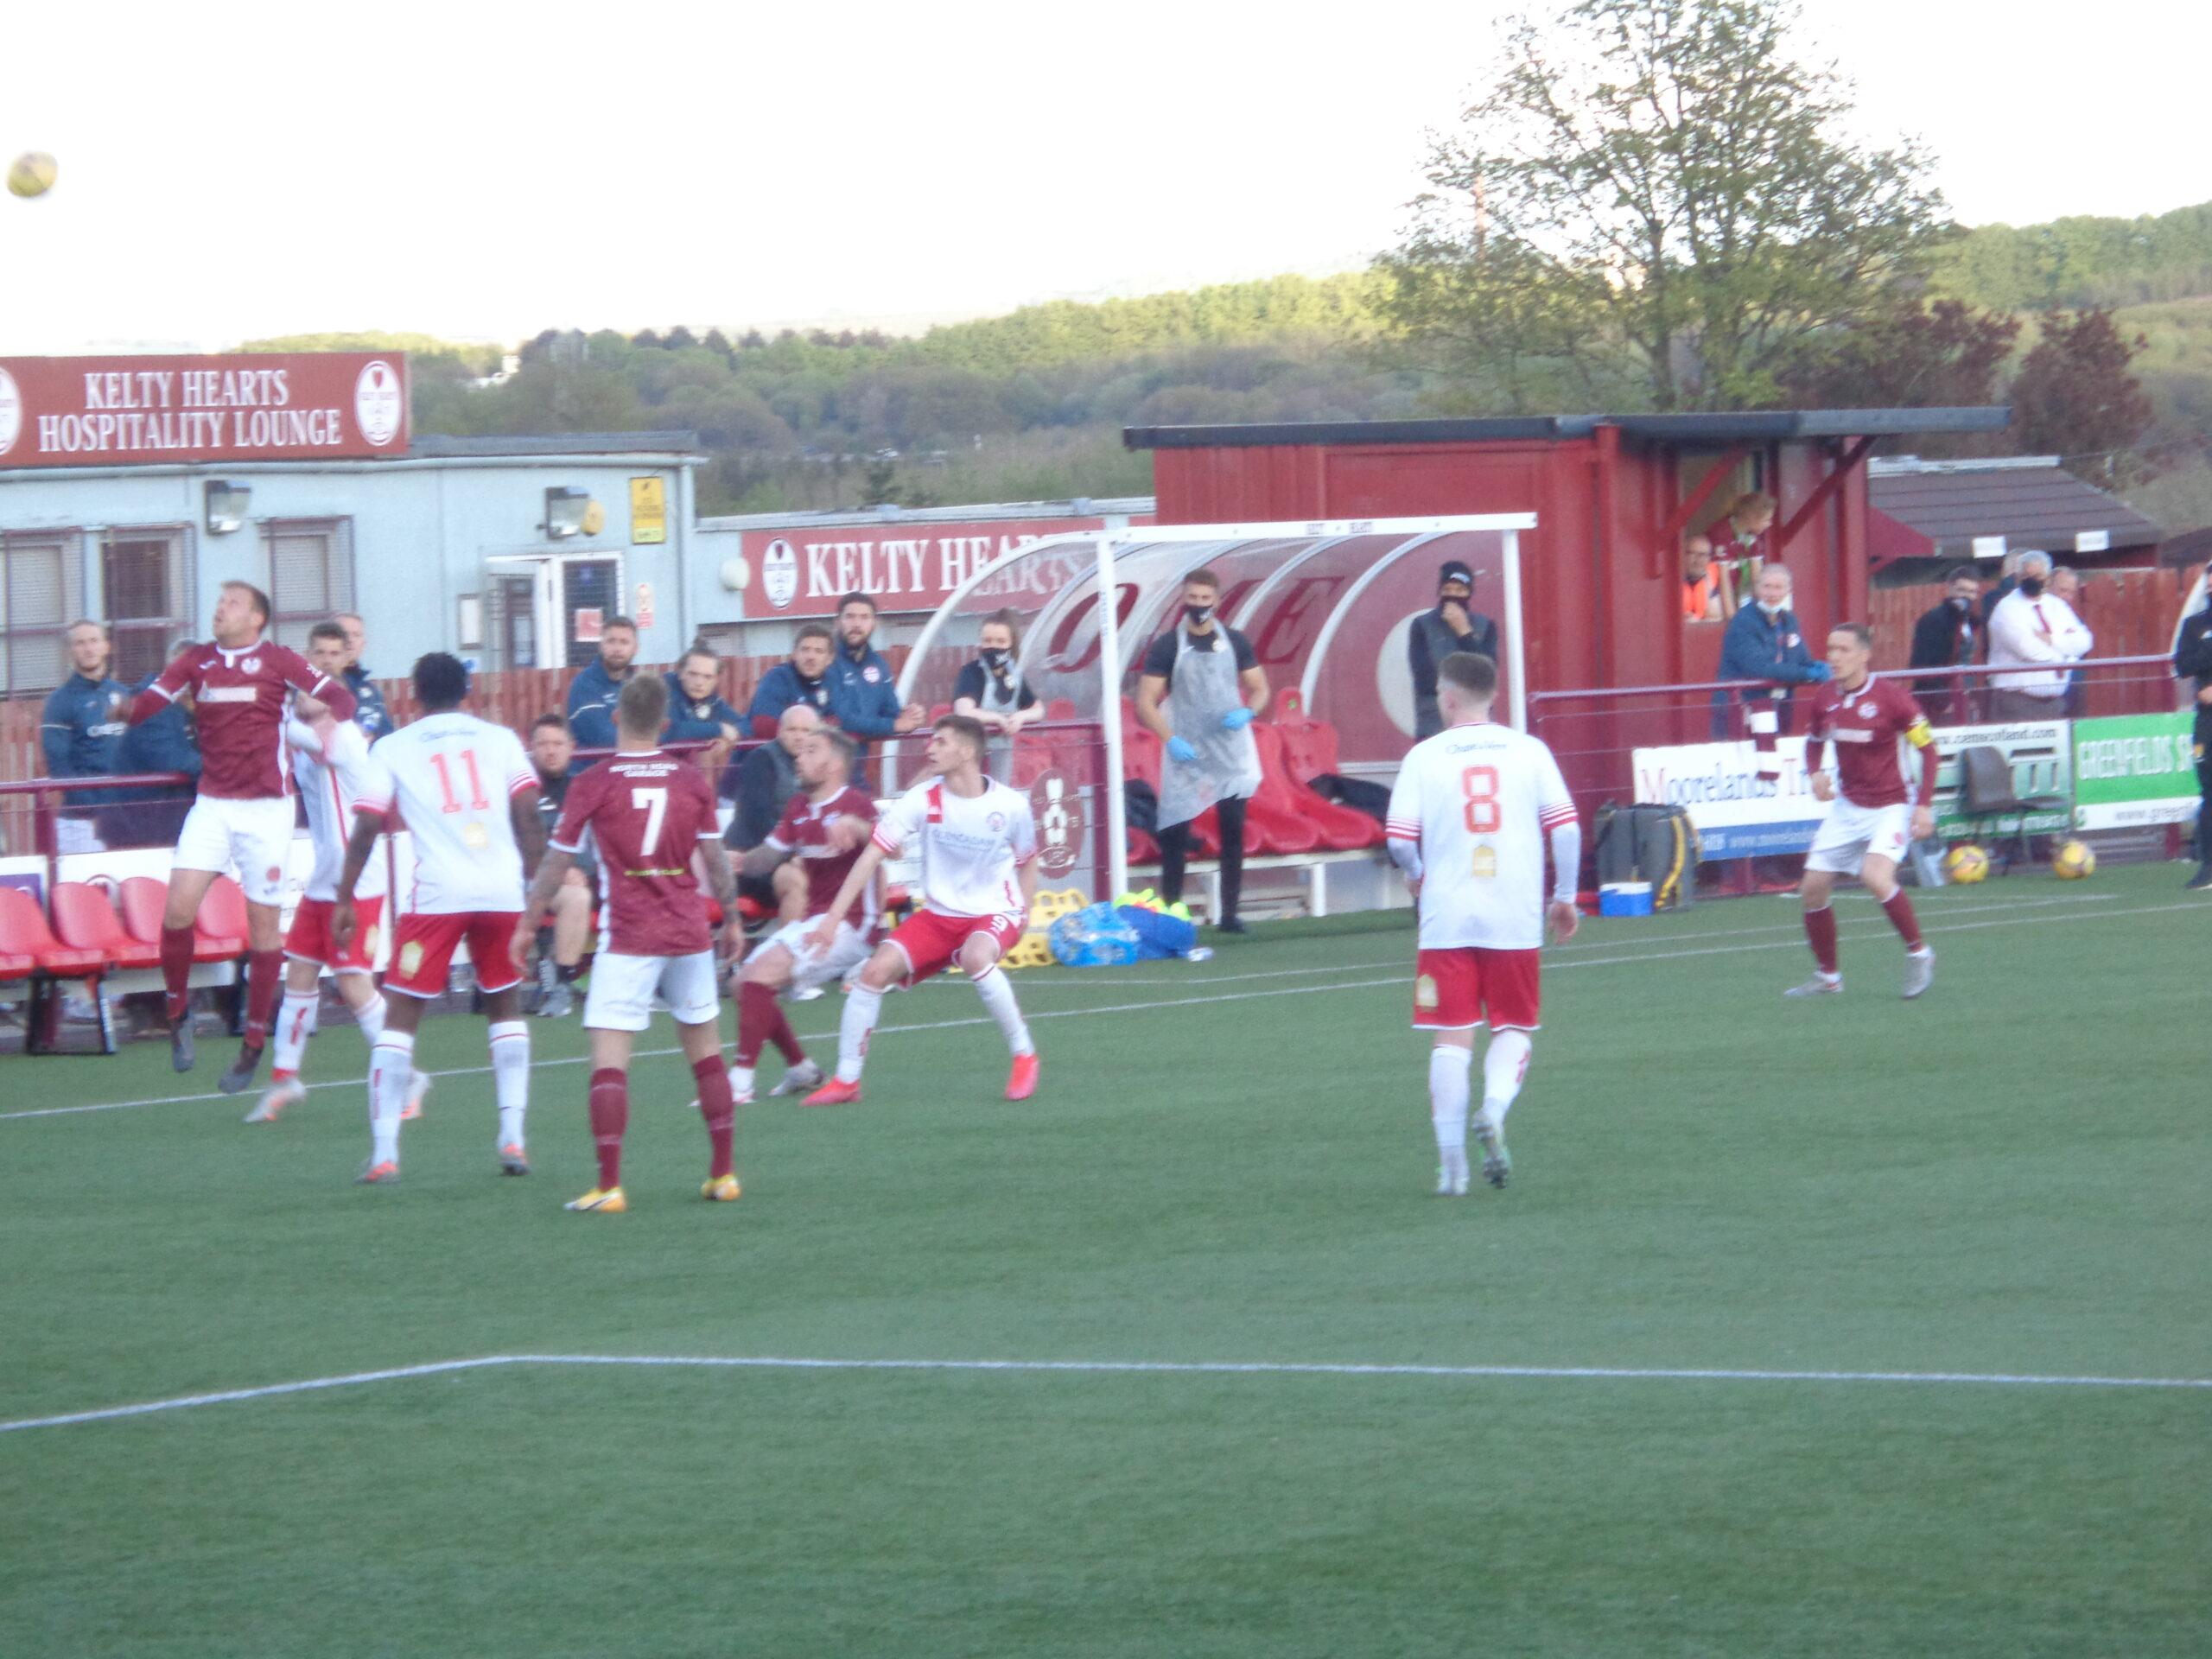 Report: Kelty Hearts 2-1 Brechin City